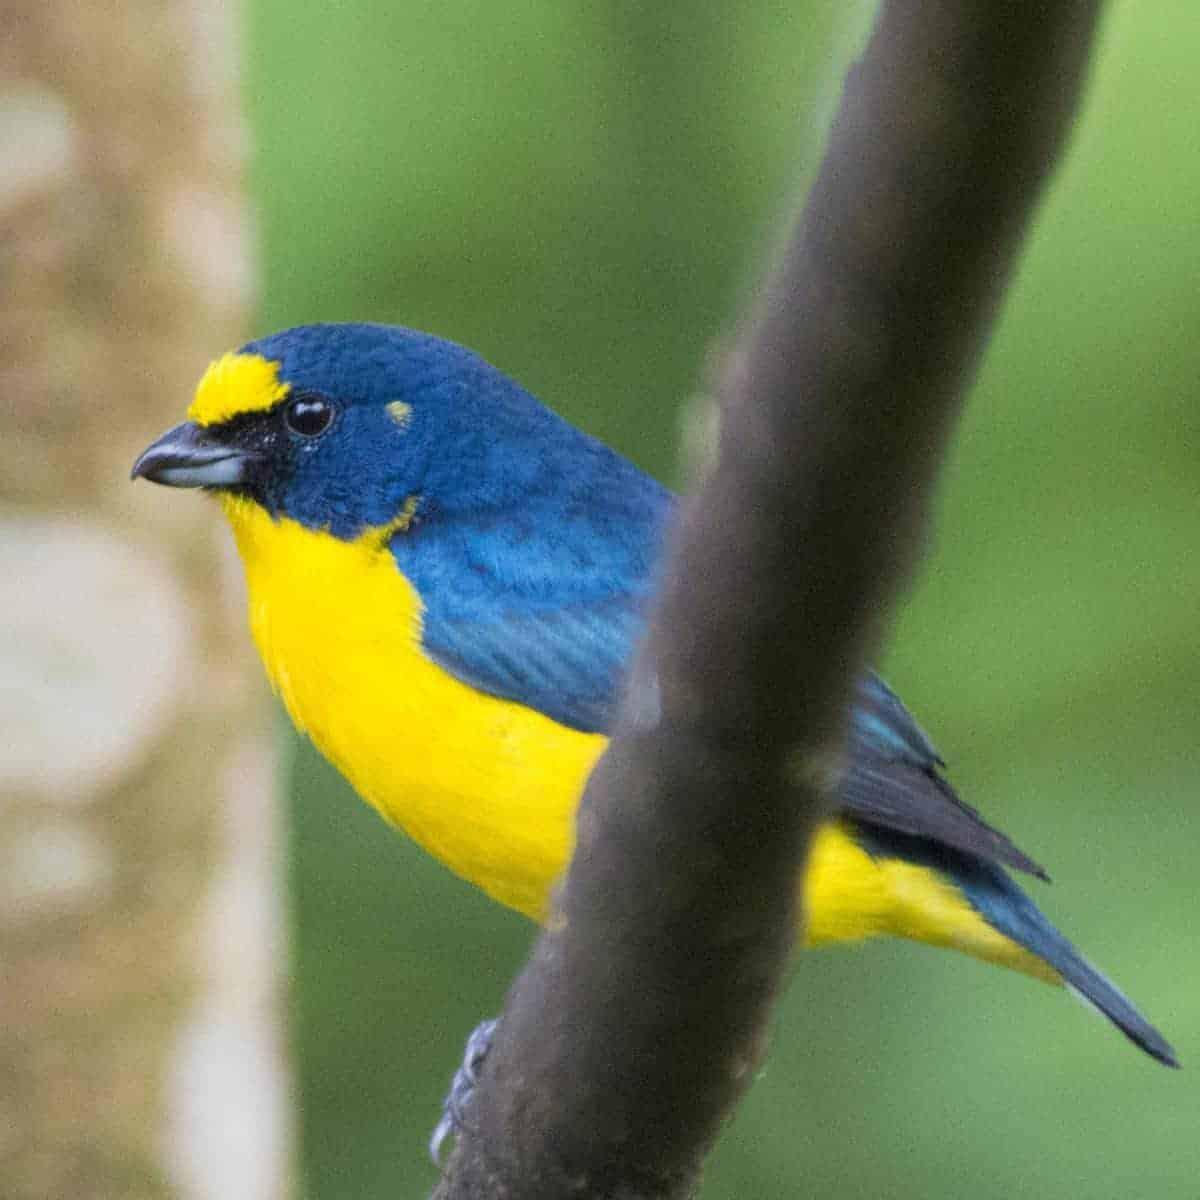 Geel met blauw vogeltje tijdens fotoreis Costa Rica